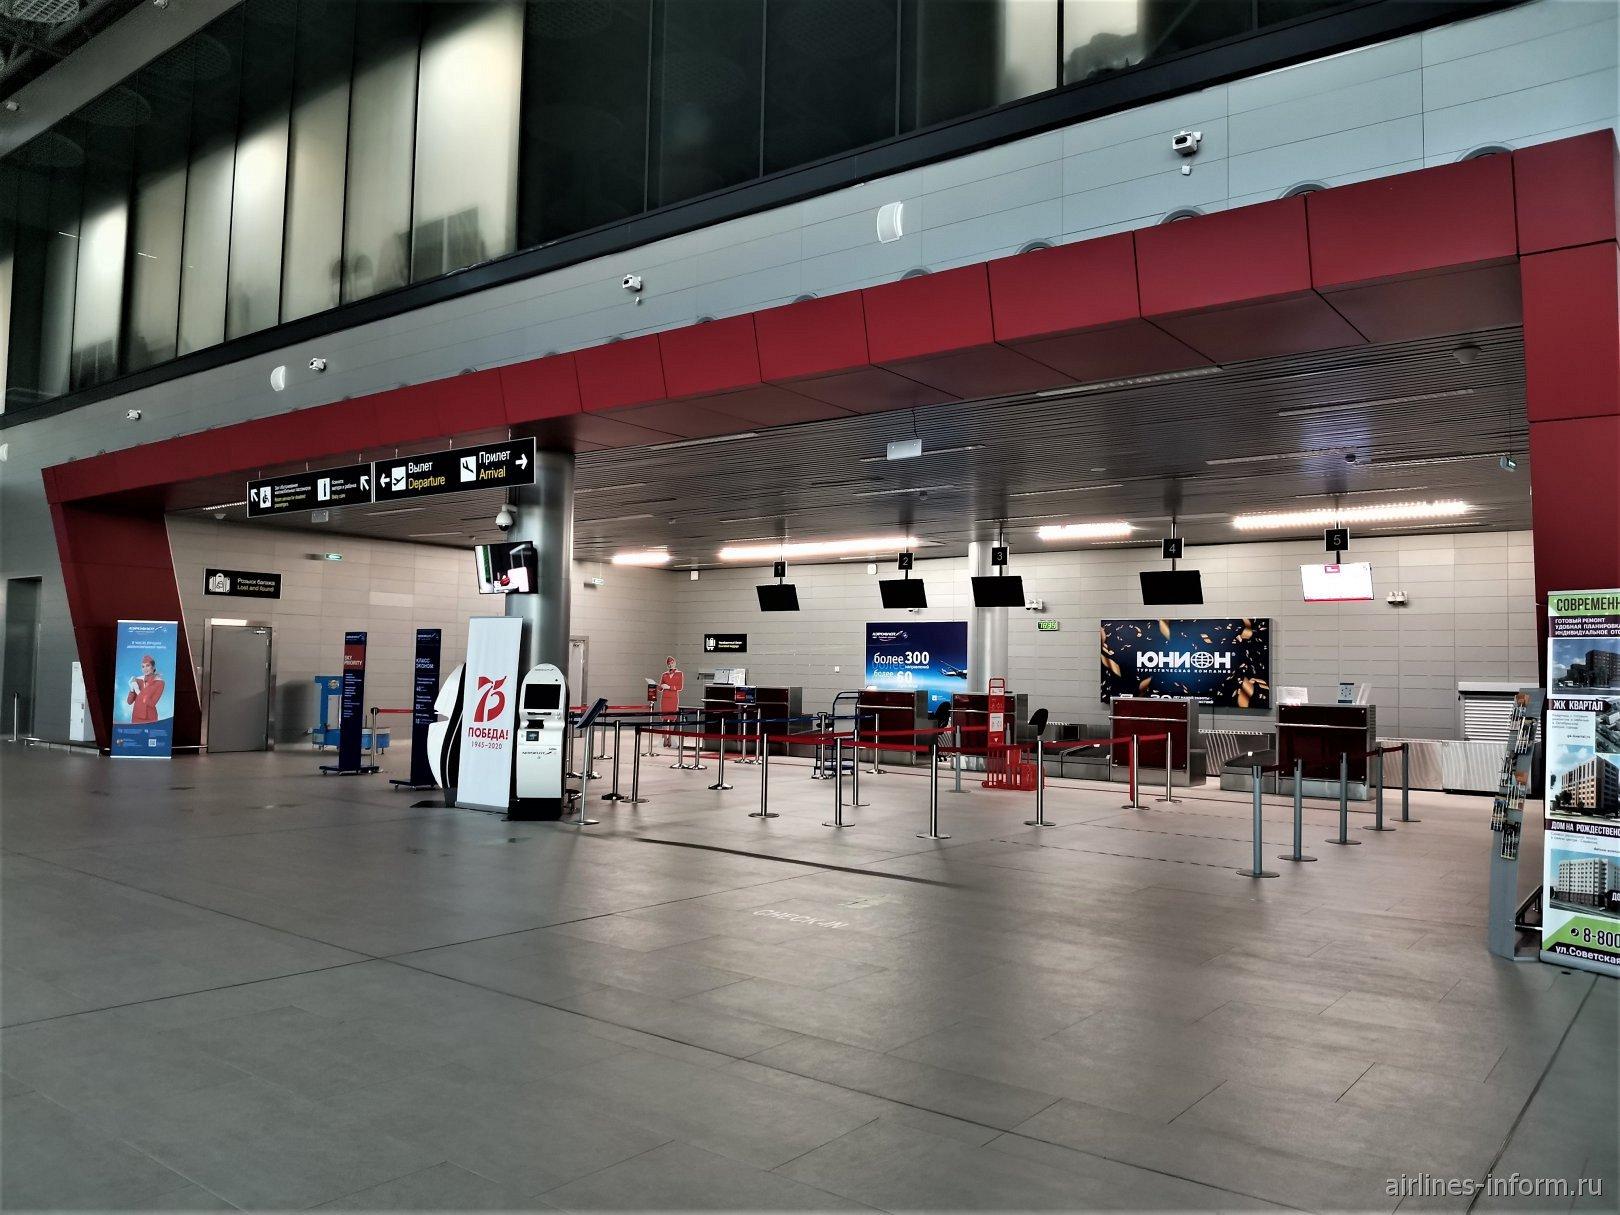 Зона регистрации в терминале А аэропорта Саранск